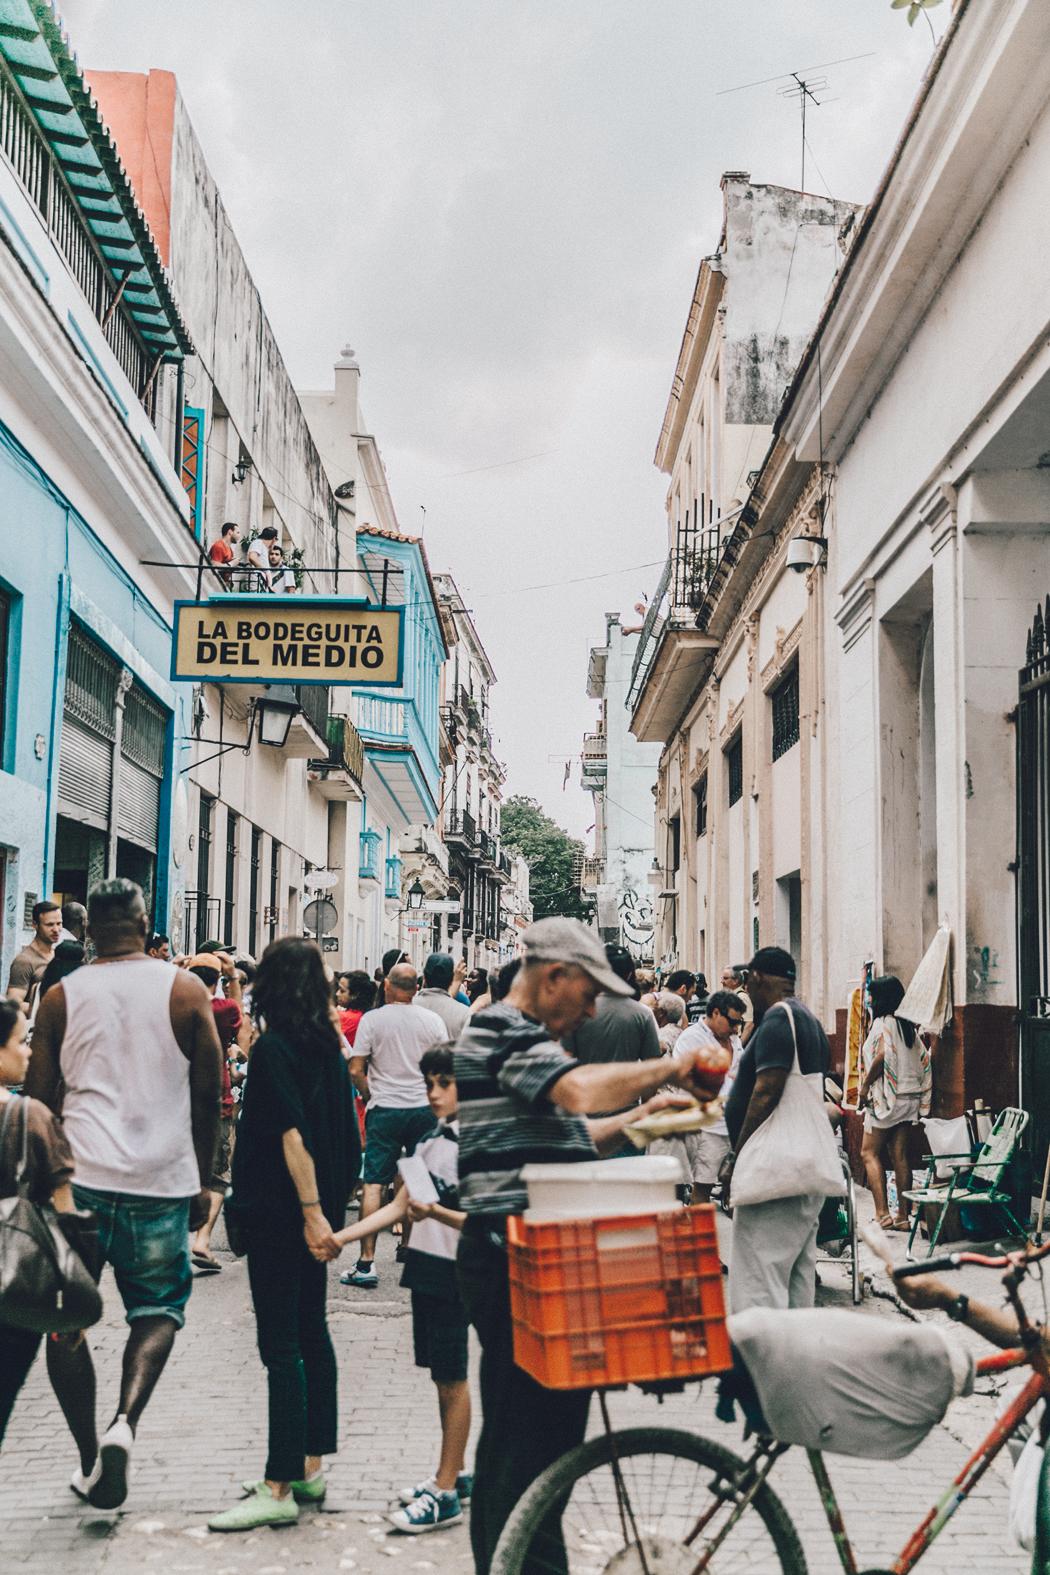 Cuba-La_Habana_Vieja-Hearts_Dress-Styled_By_Me-Aloha_Espadrilles-Outfit-Street_Style-Dress-Backpack-70